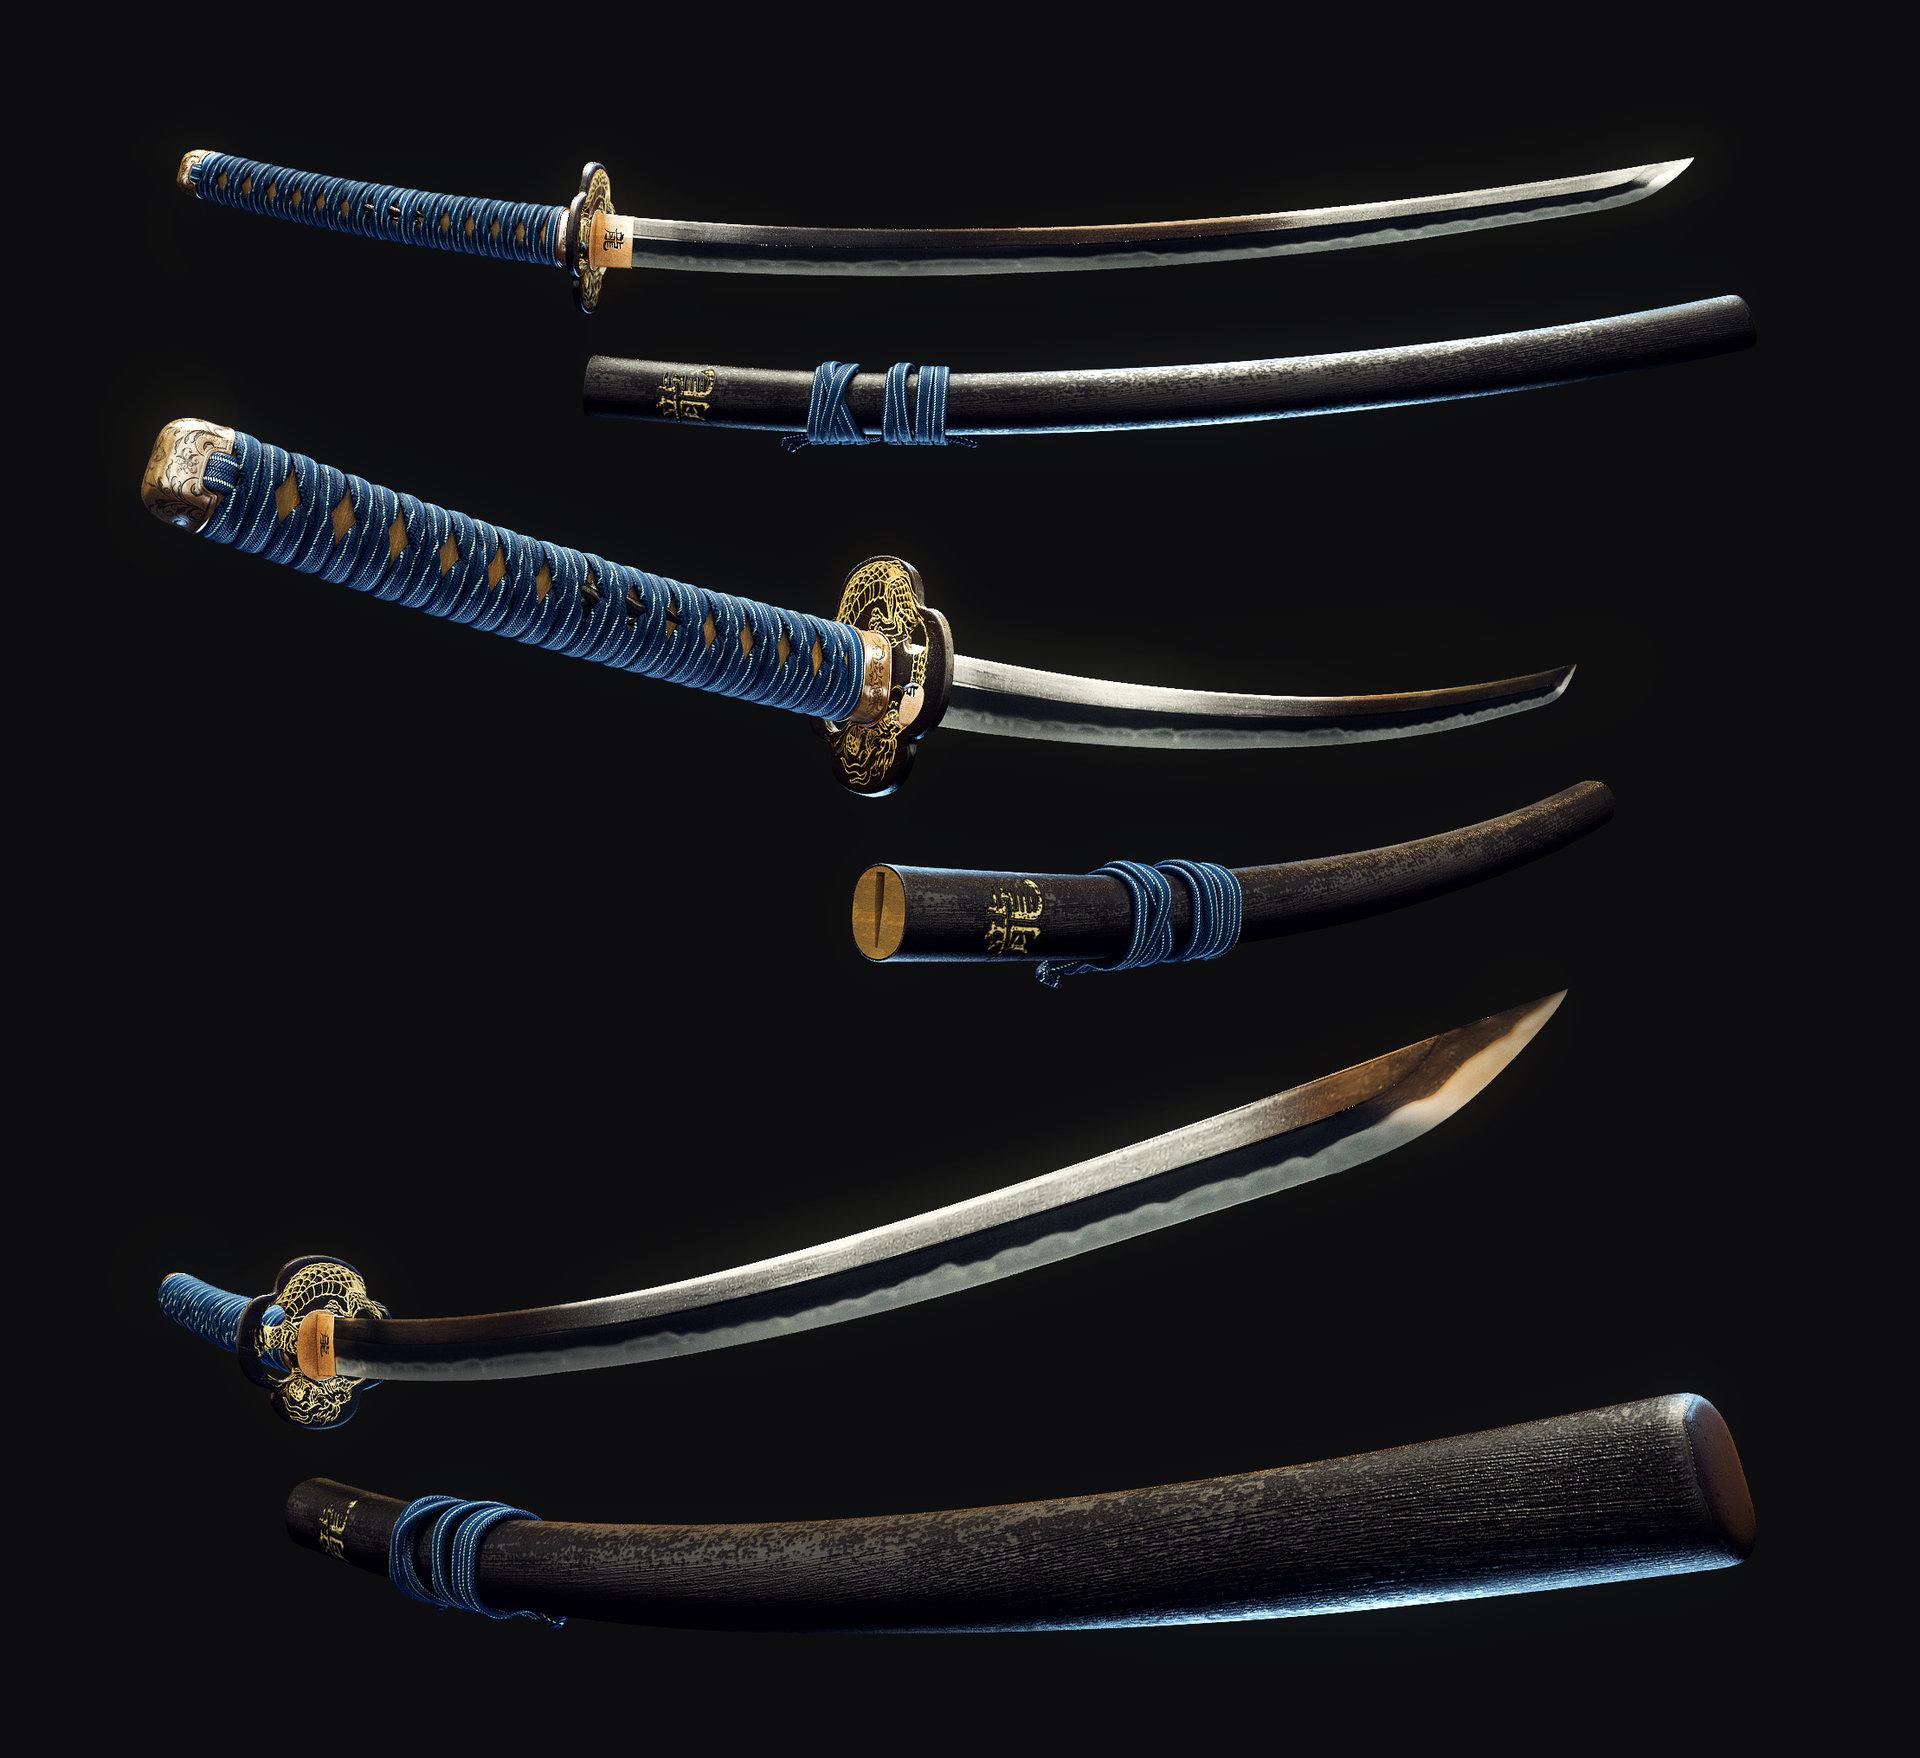 Caio cesar espada 00